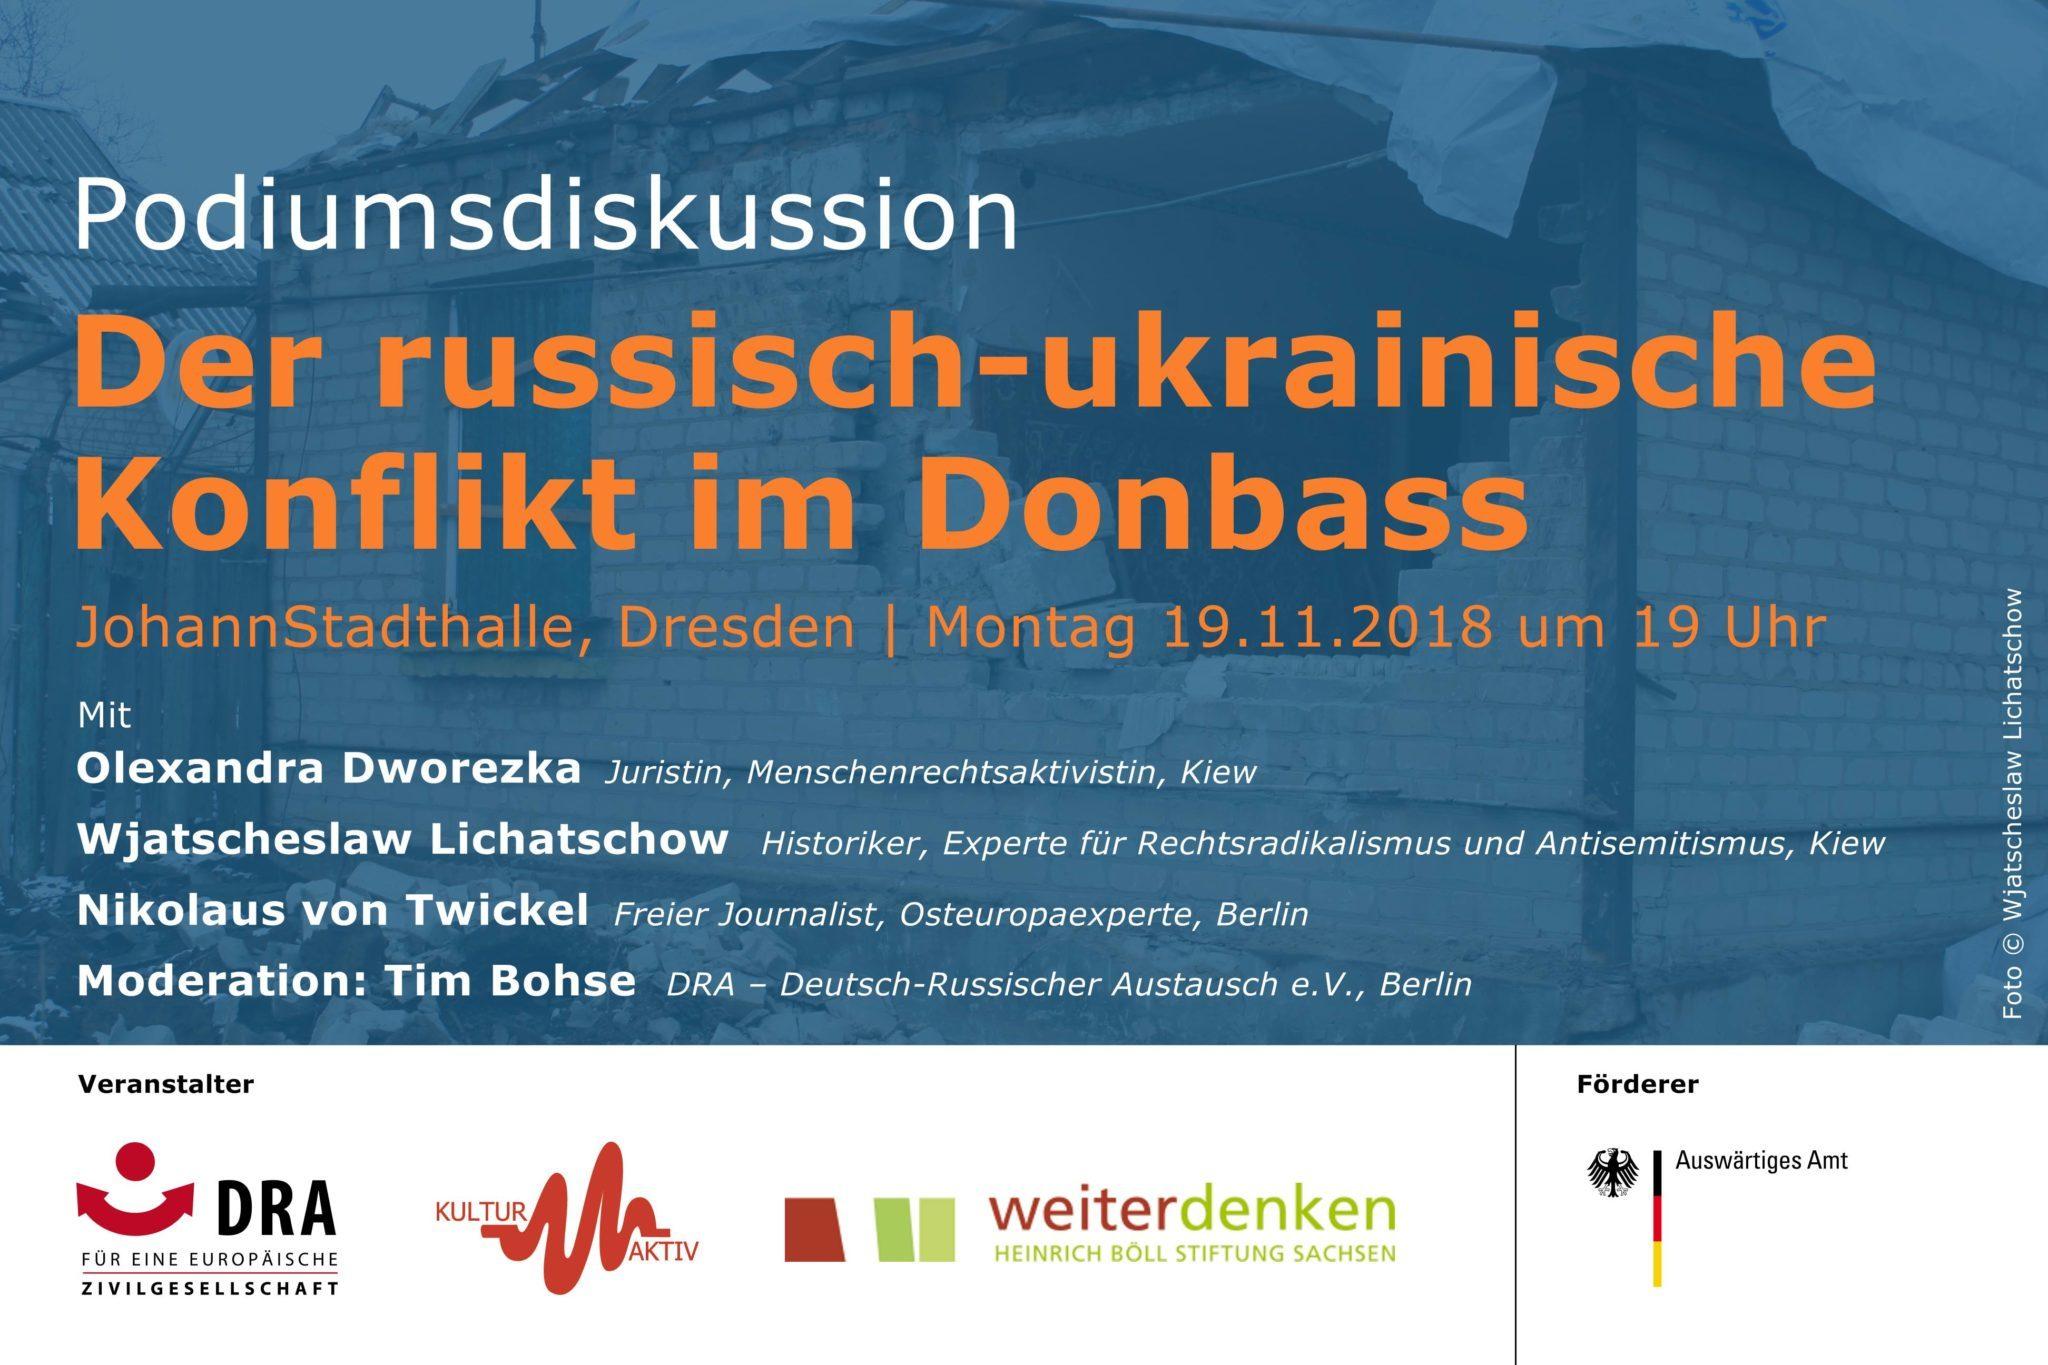 Der russisch-ukrainische Konflikt im Donbass